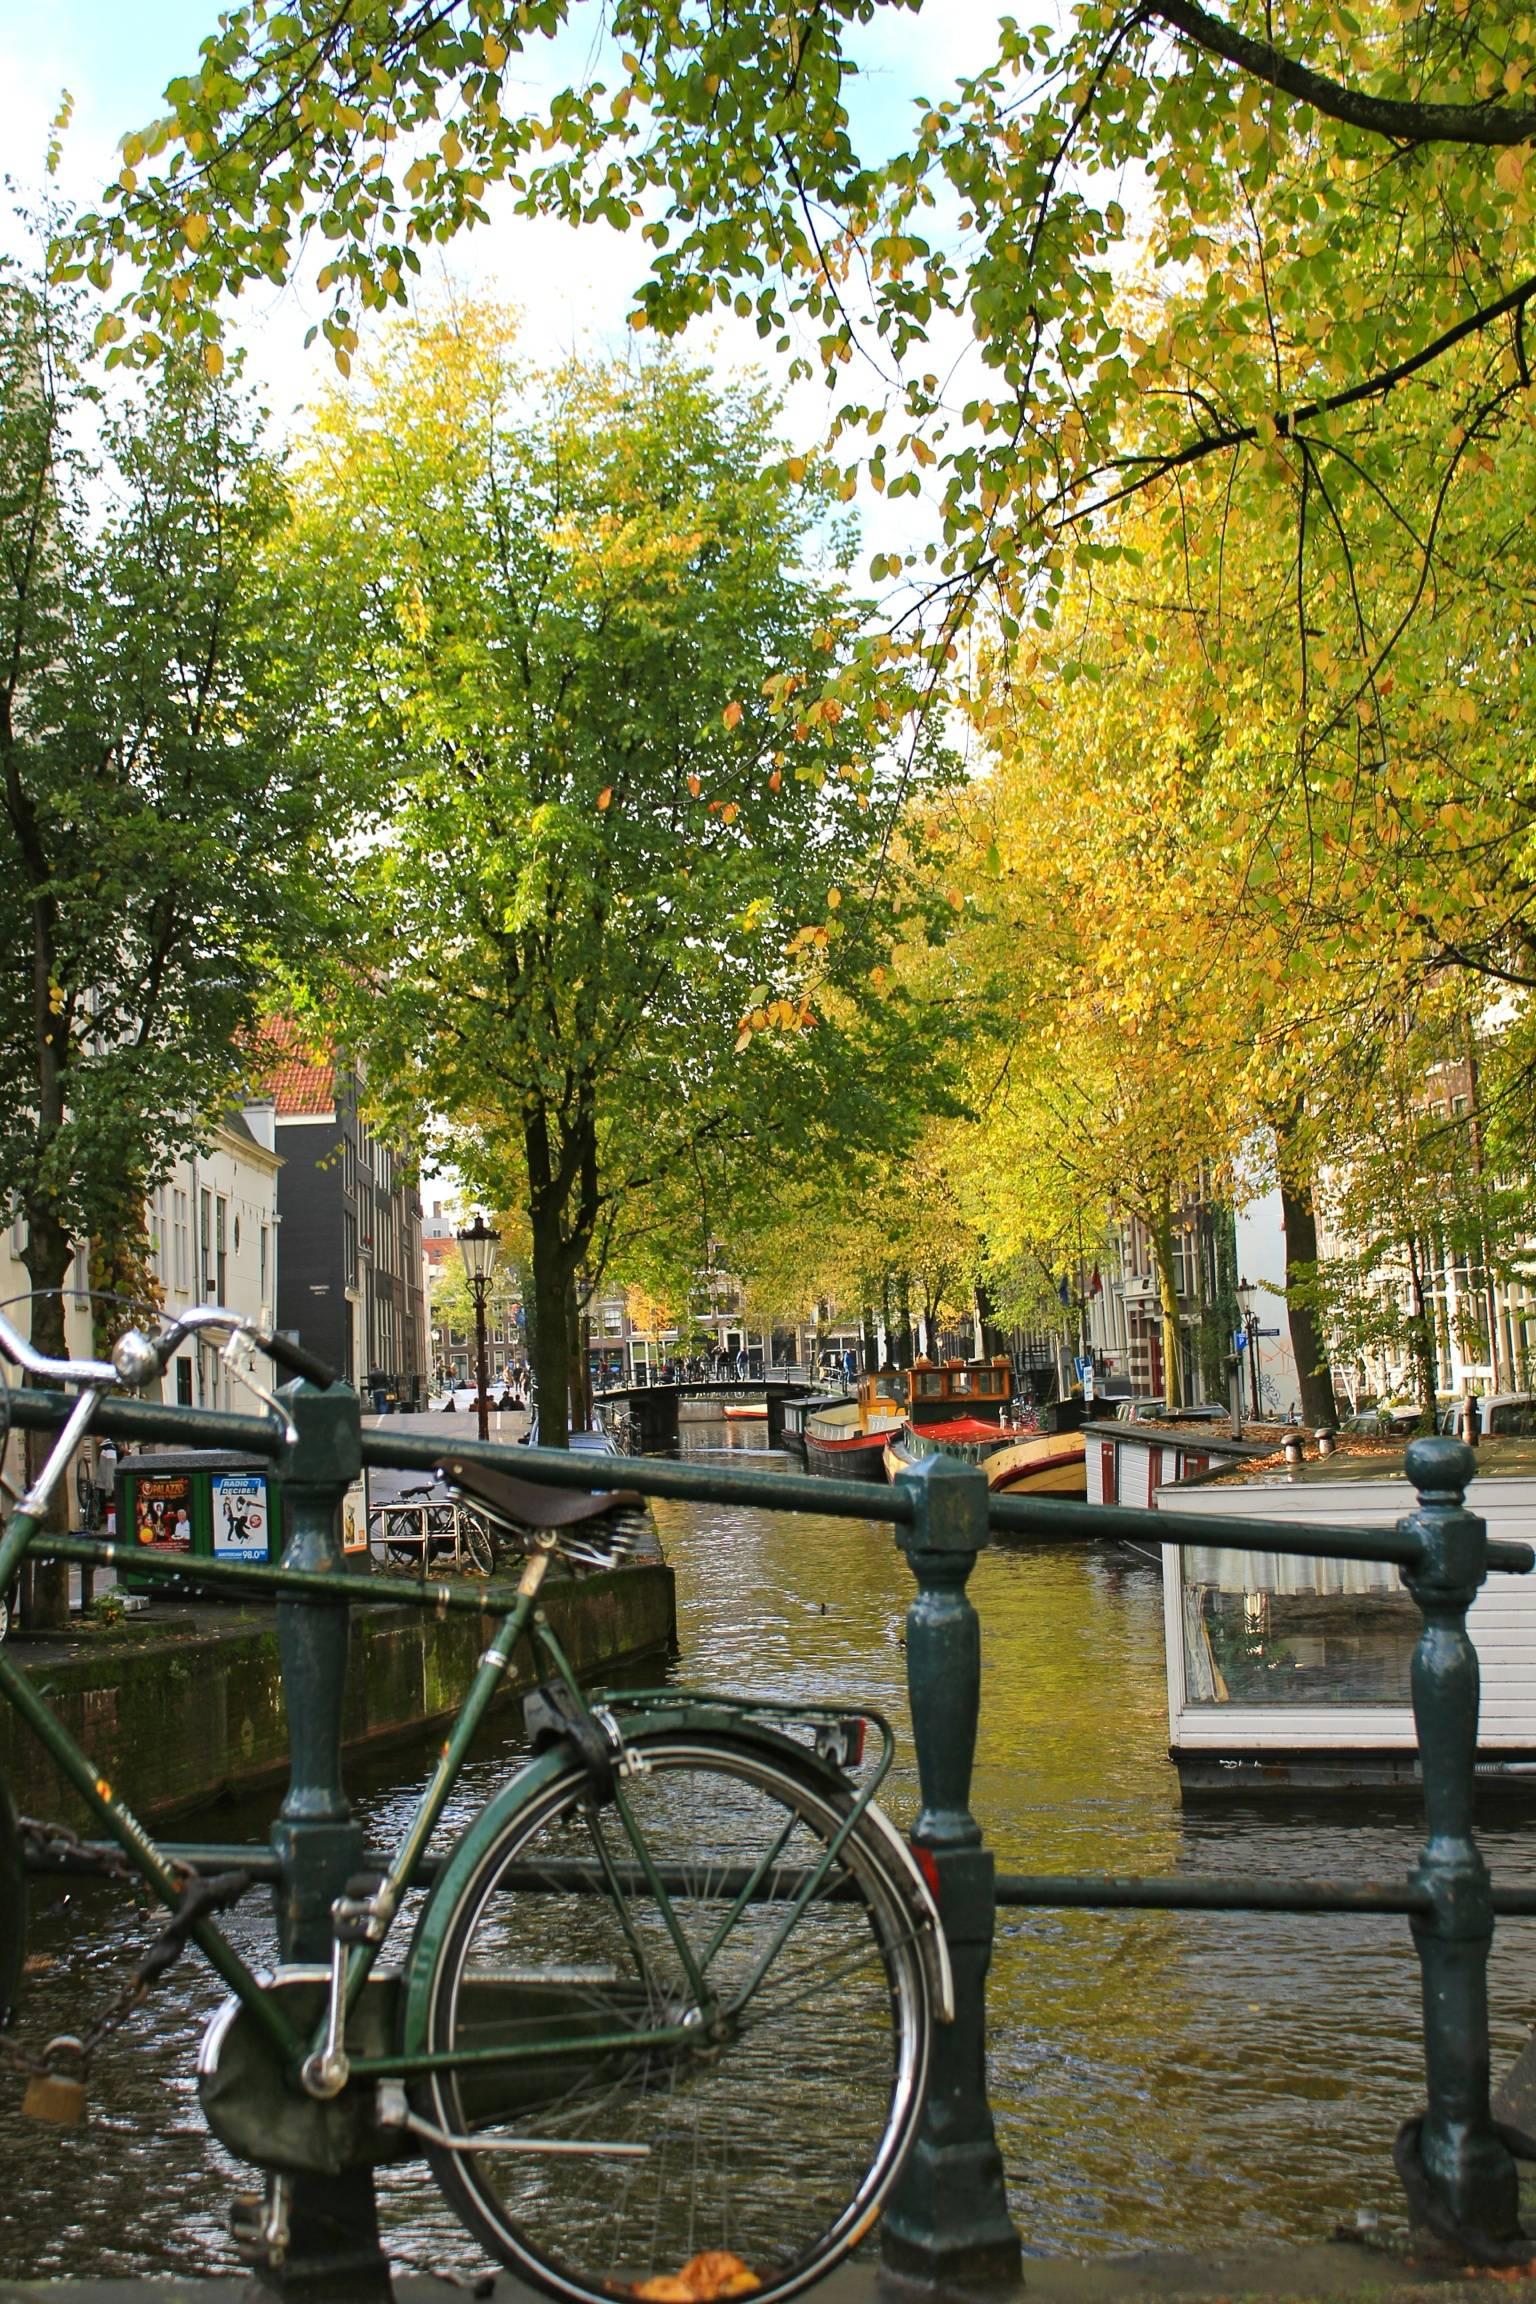 Photo 2: Quartier Jordaan